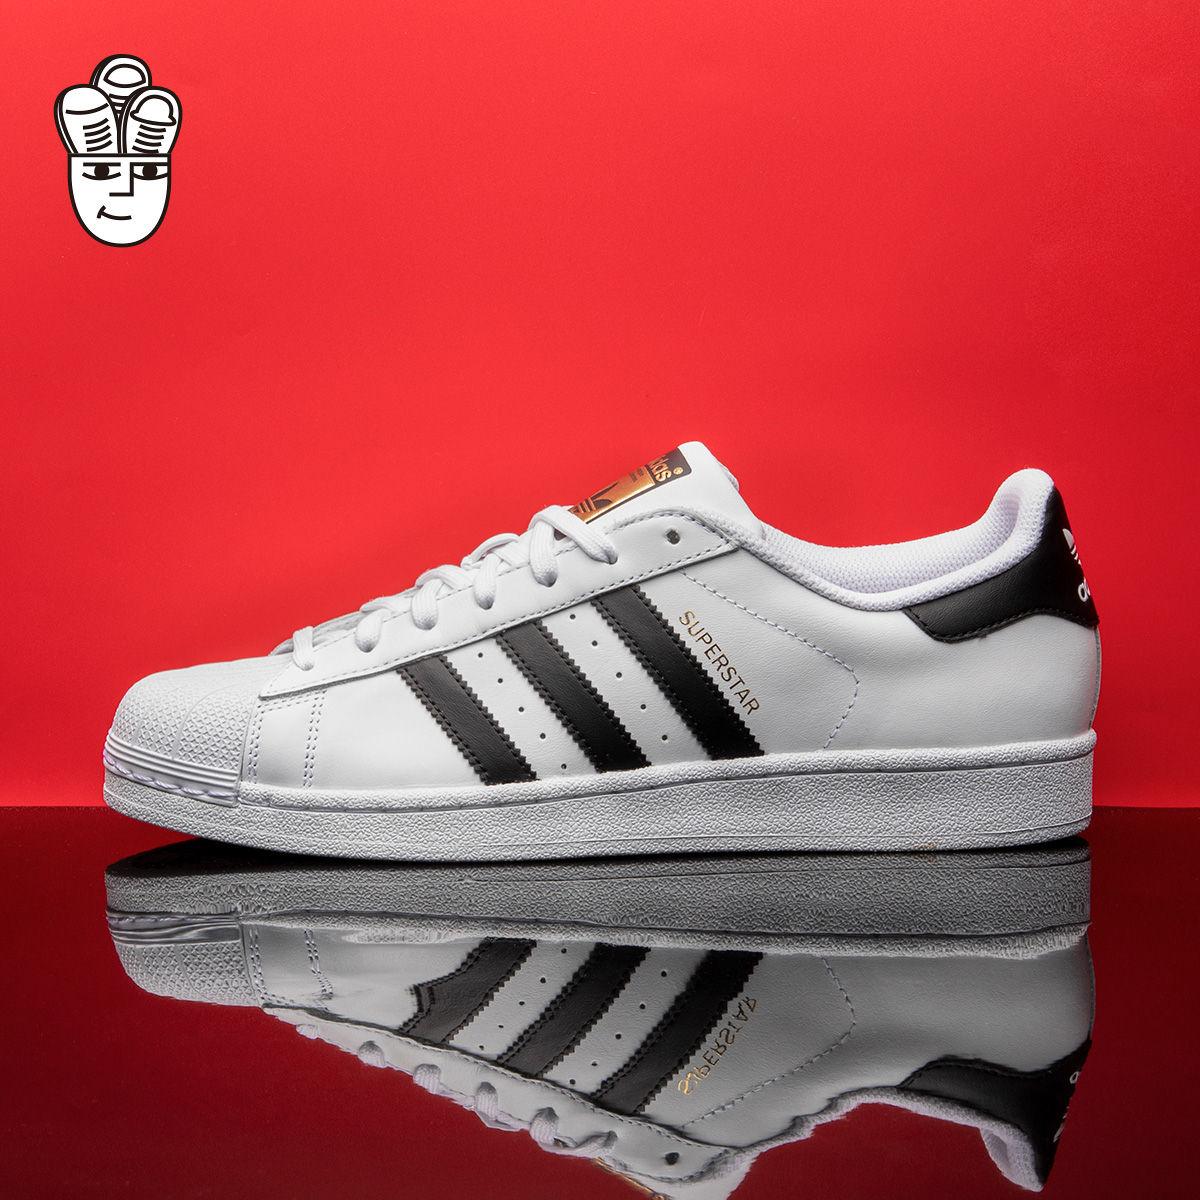 阿迪达斯 Adidas Superstar 三叶草男鞋女鞋 GS 贝壳头板鞋 金标